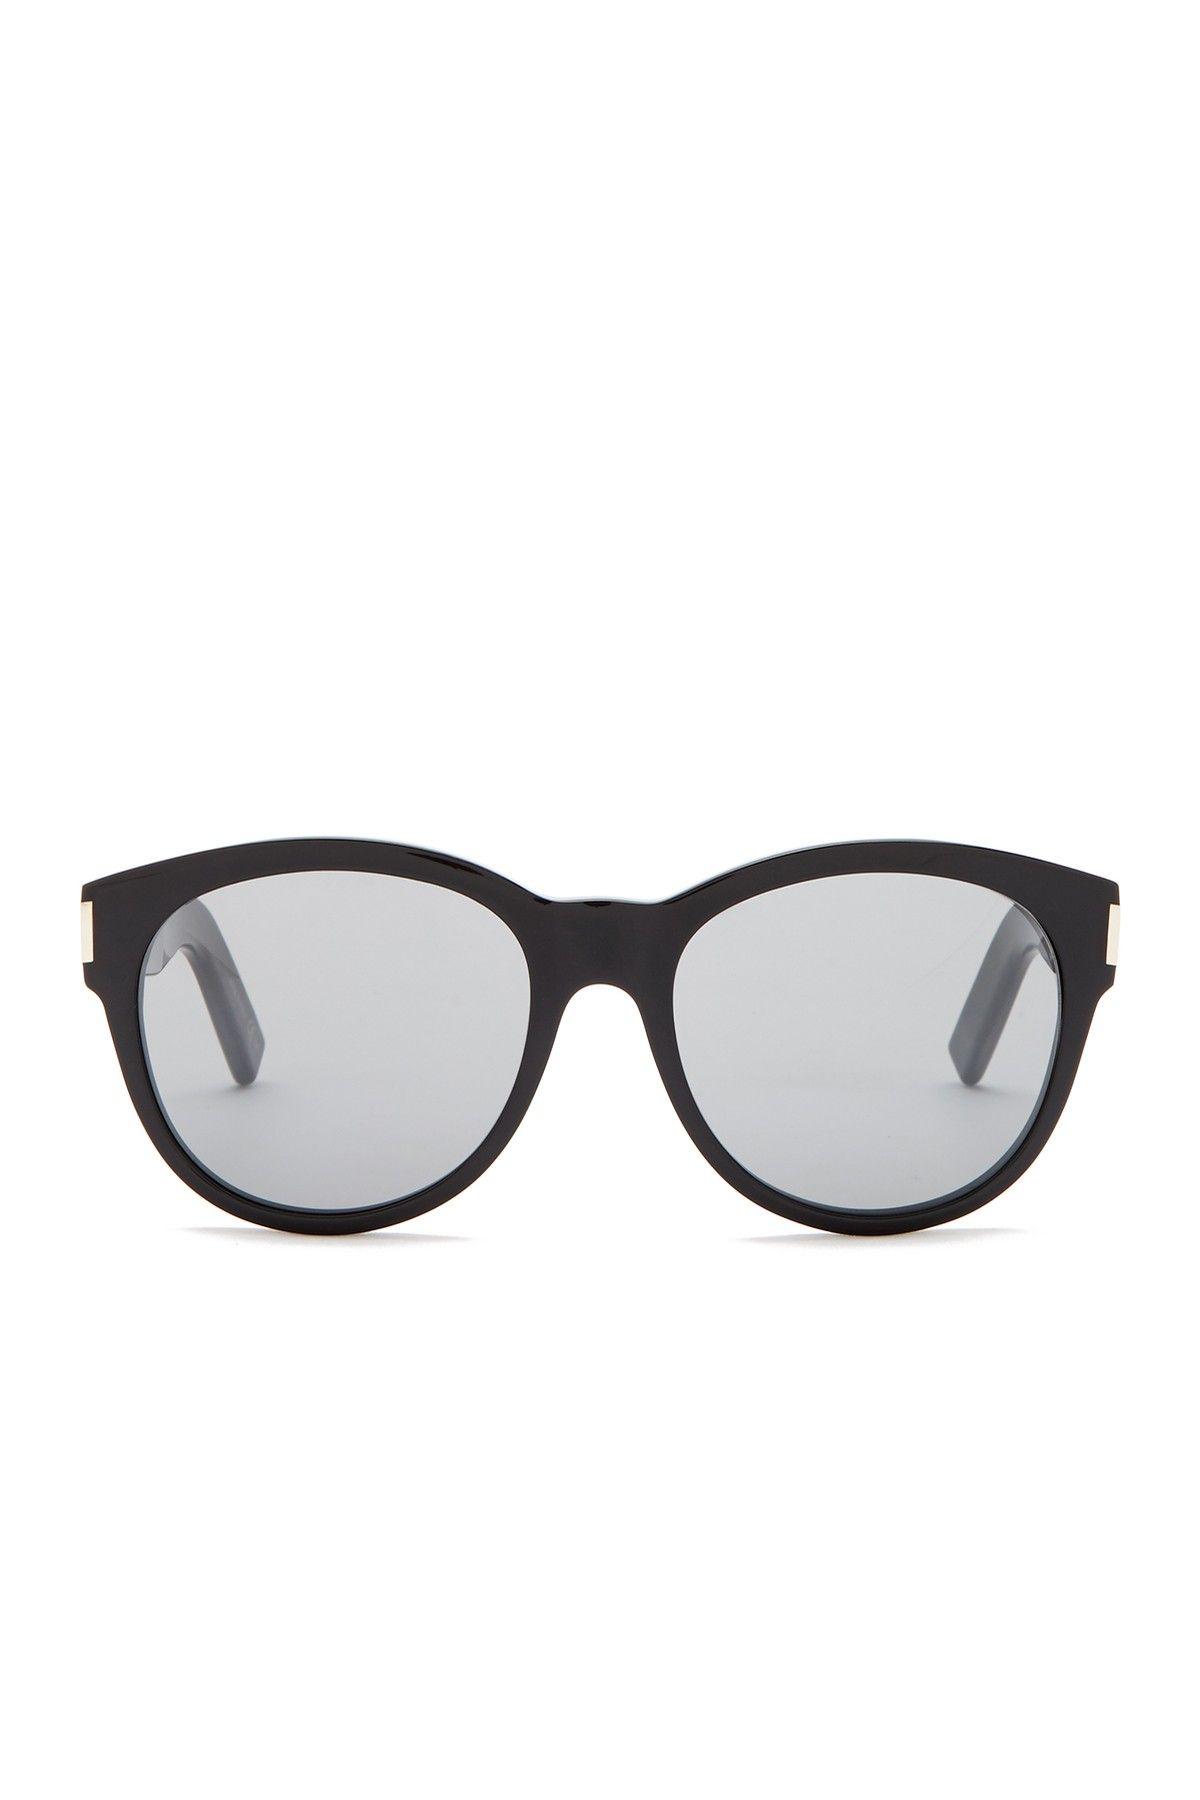 Women's Round Acetate Sunglasses